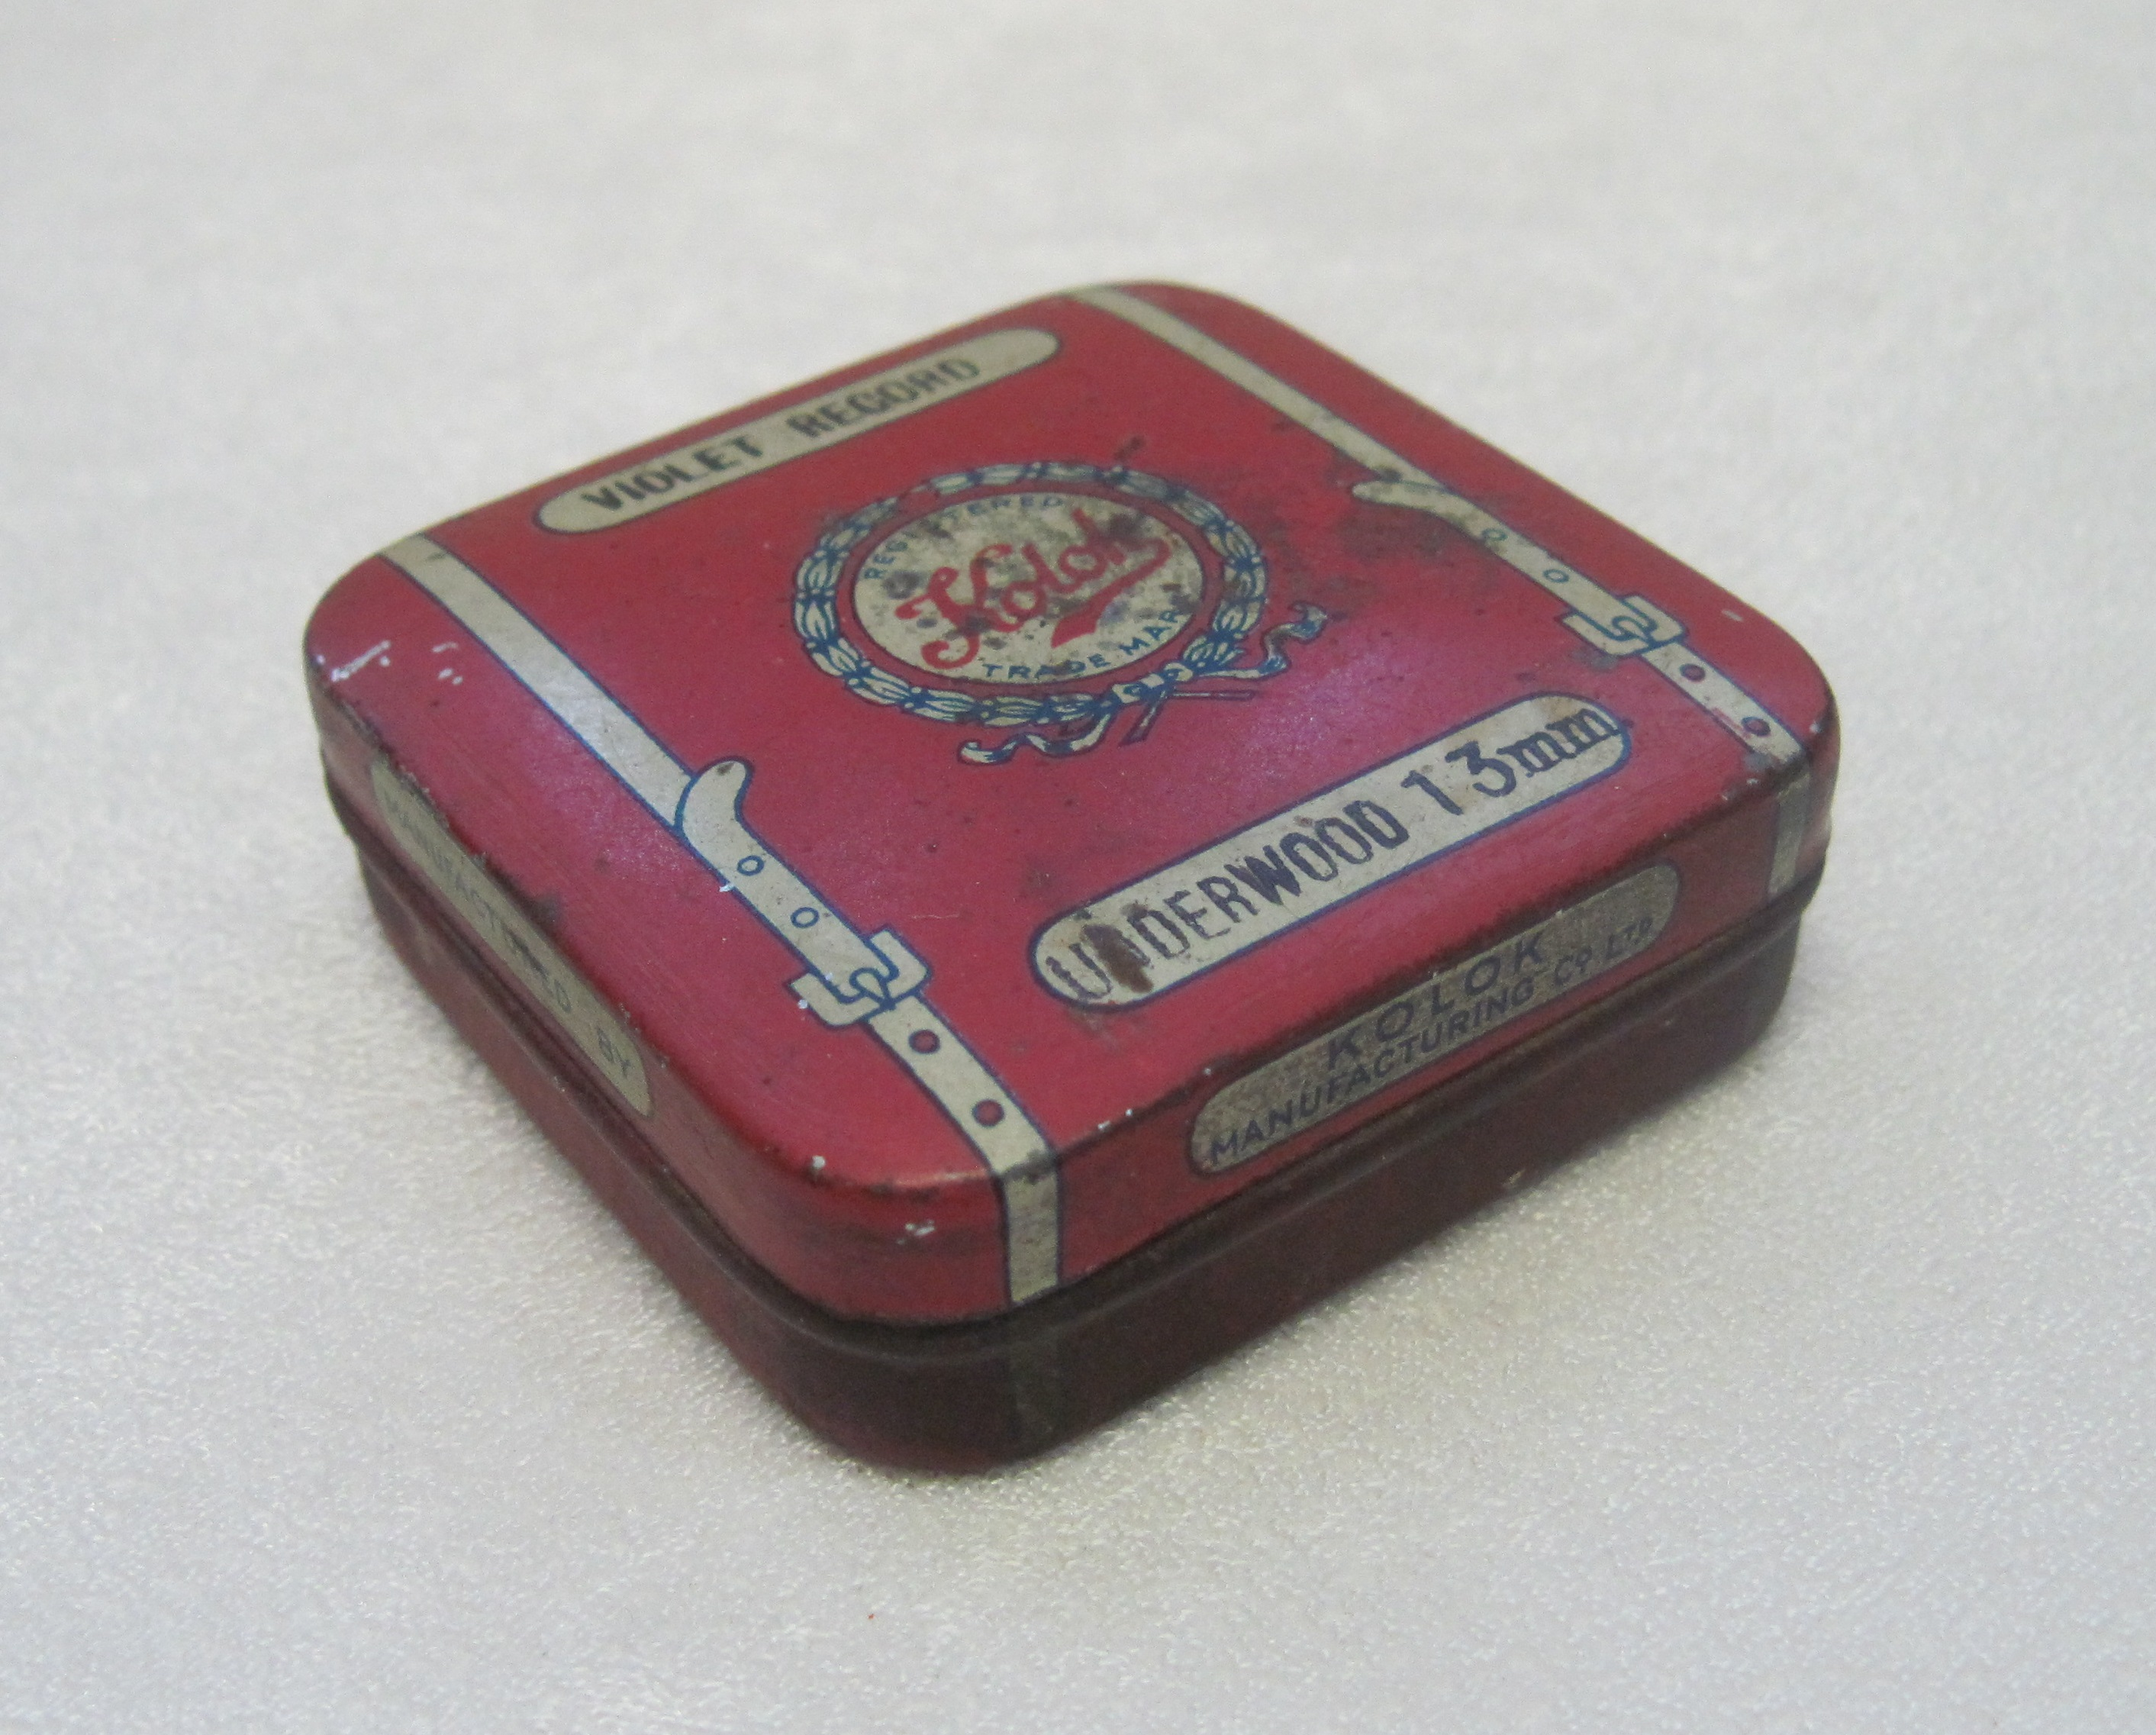 Коробка жестяная. Упаковка для лент пишущей машины «Underwood» производства фирмы «Kolok Manufacturing Co». Материал, техника: Жесть, штамповка, вальцовка. Размер: 5.9 х 5.9 х 1.7 см. Место создания: Англия.